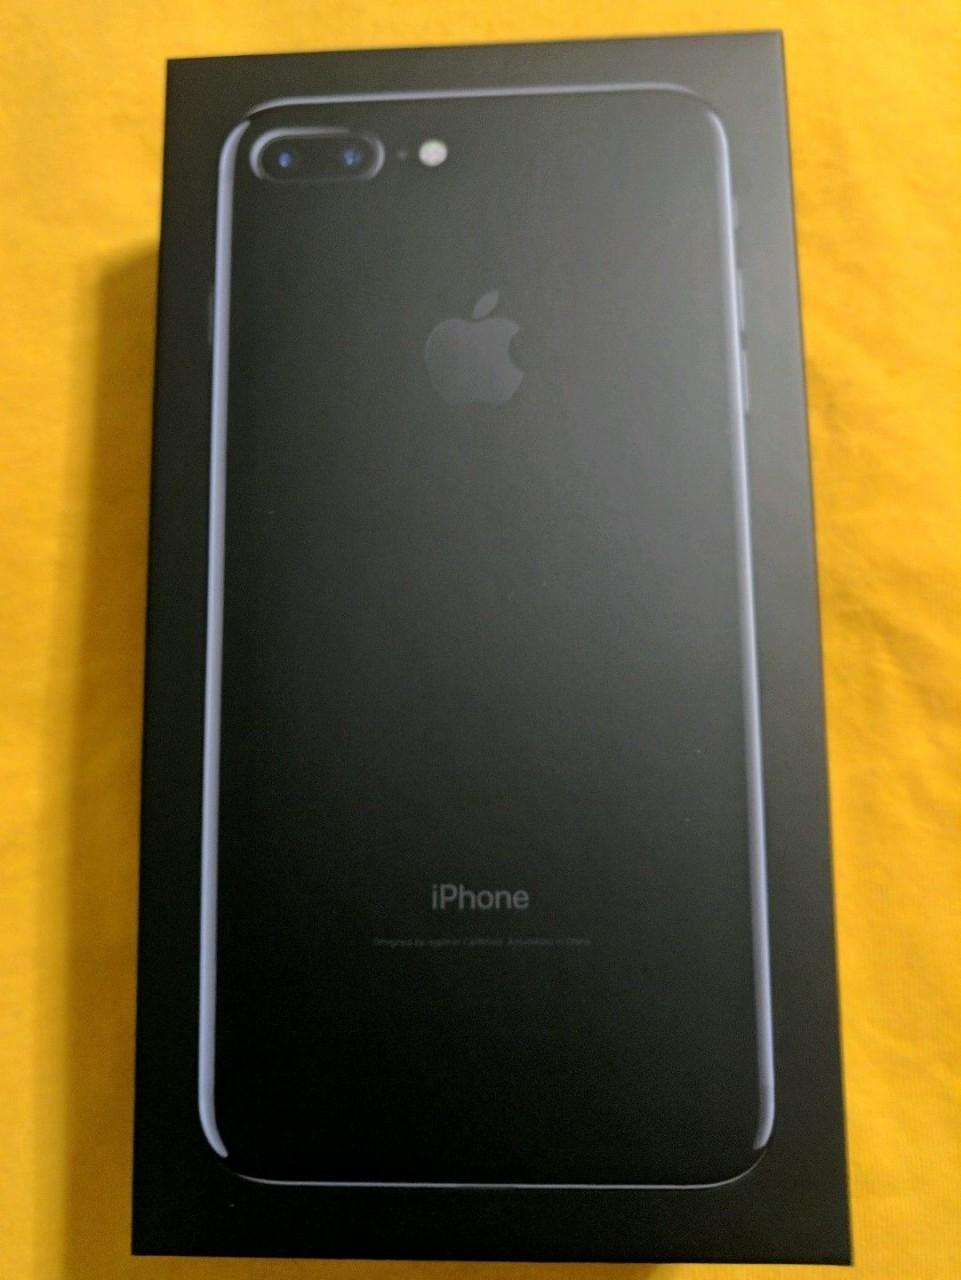 Gambar Jenis Jenis Handphone Samsung Gambar Merek Hp